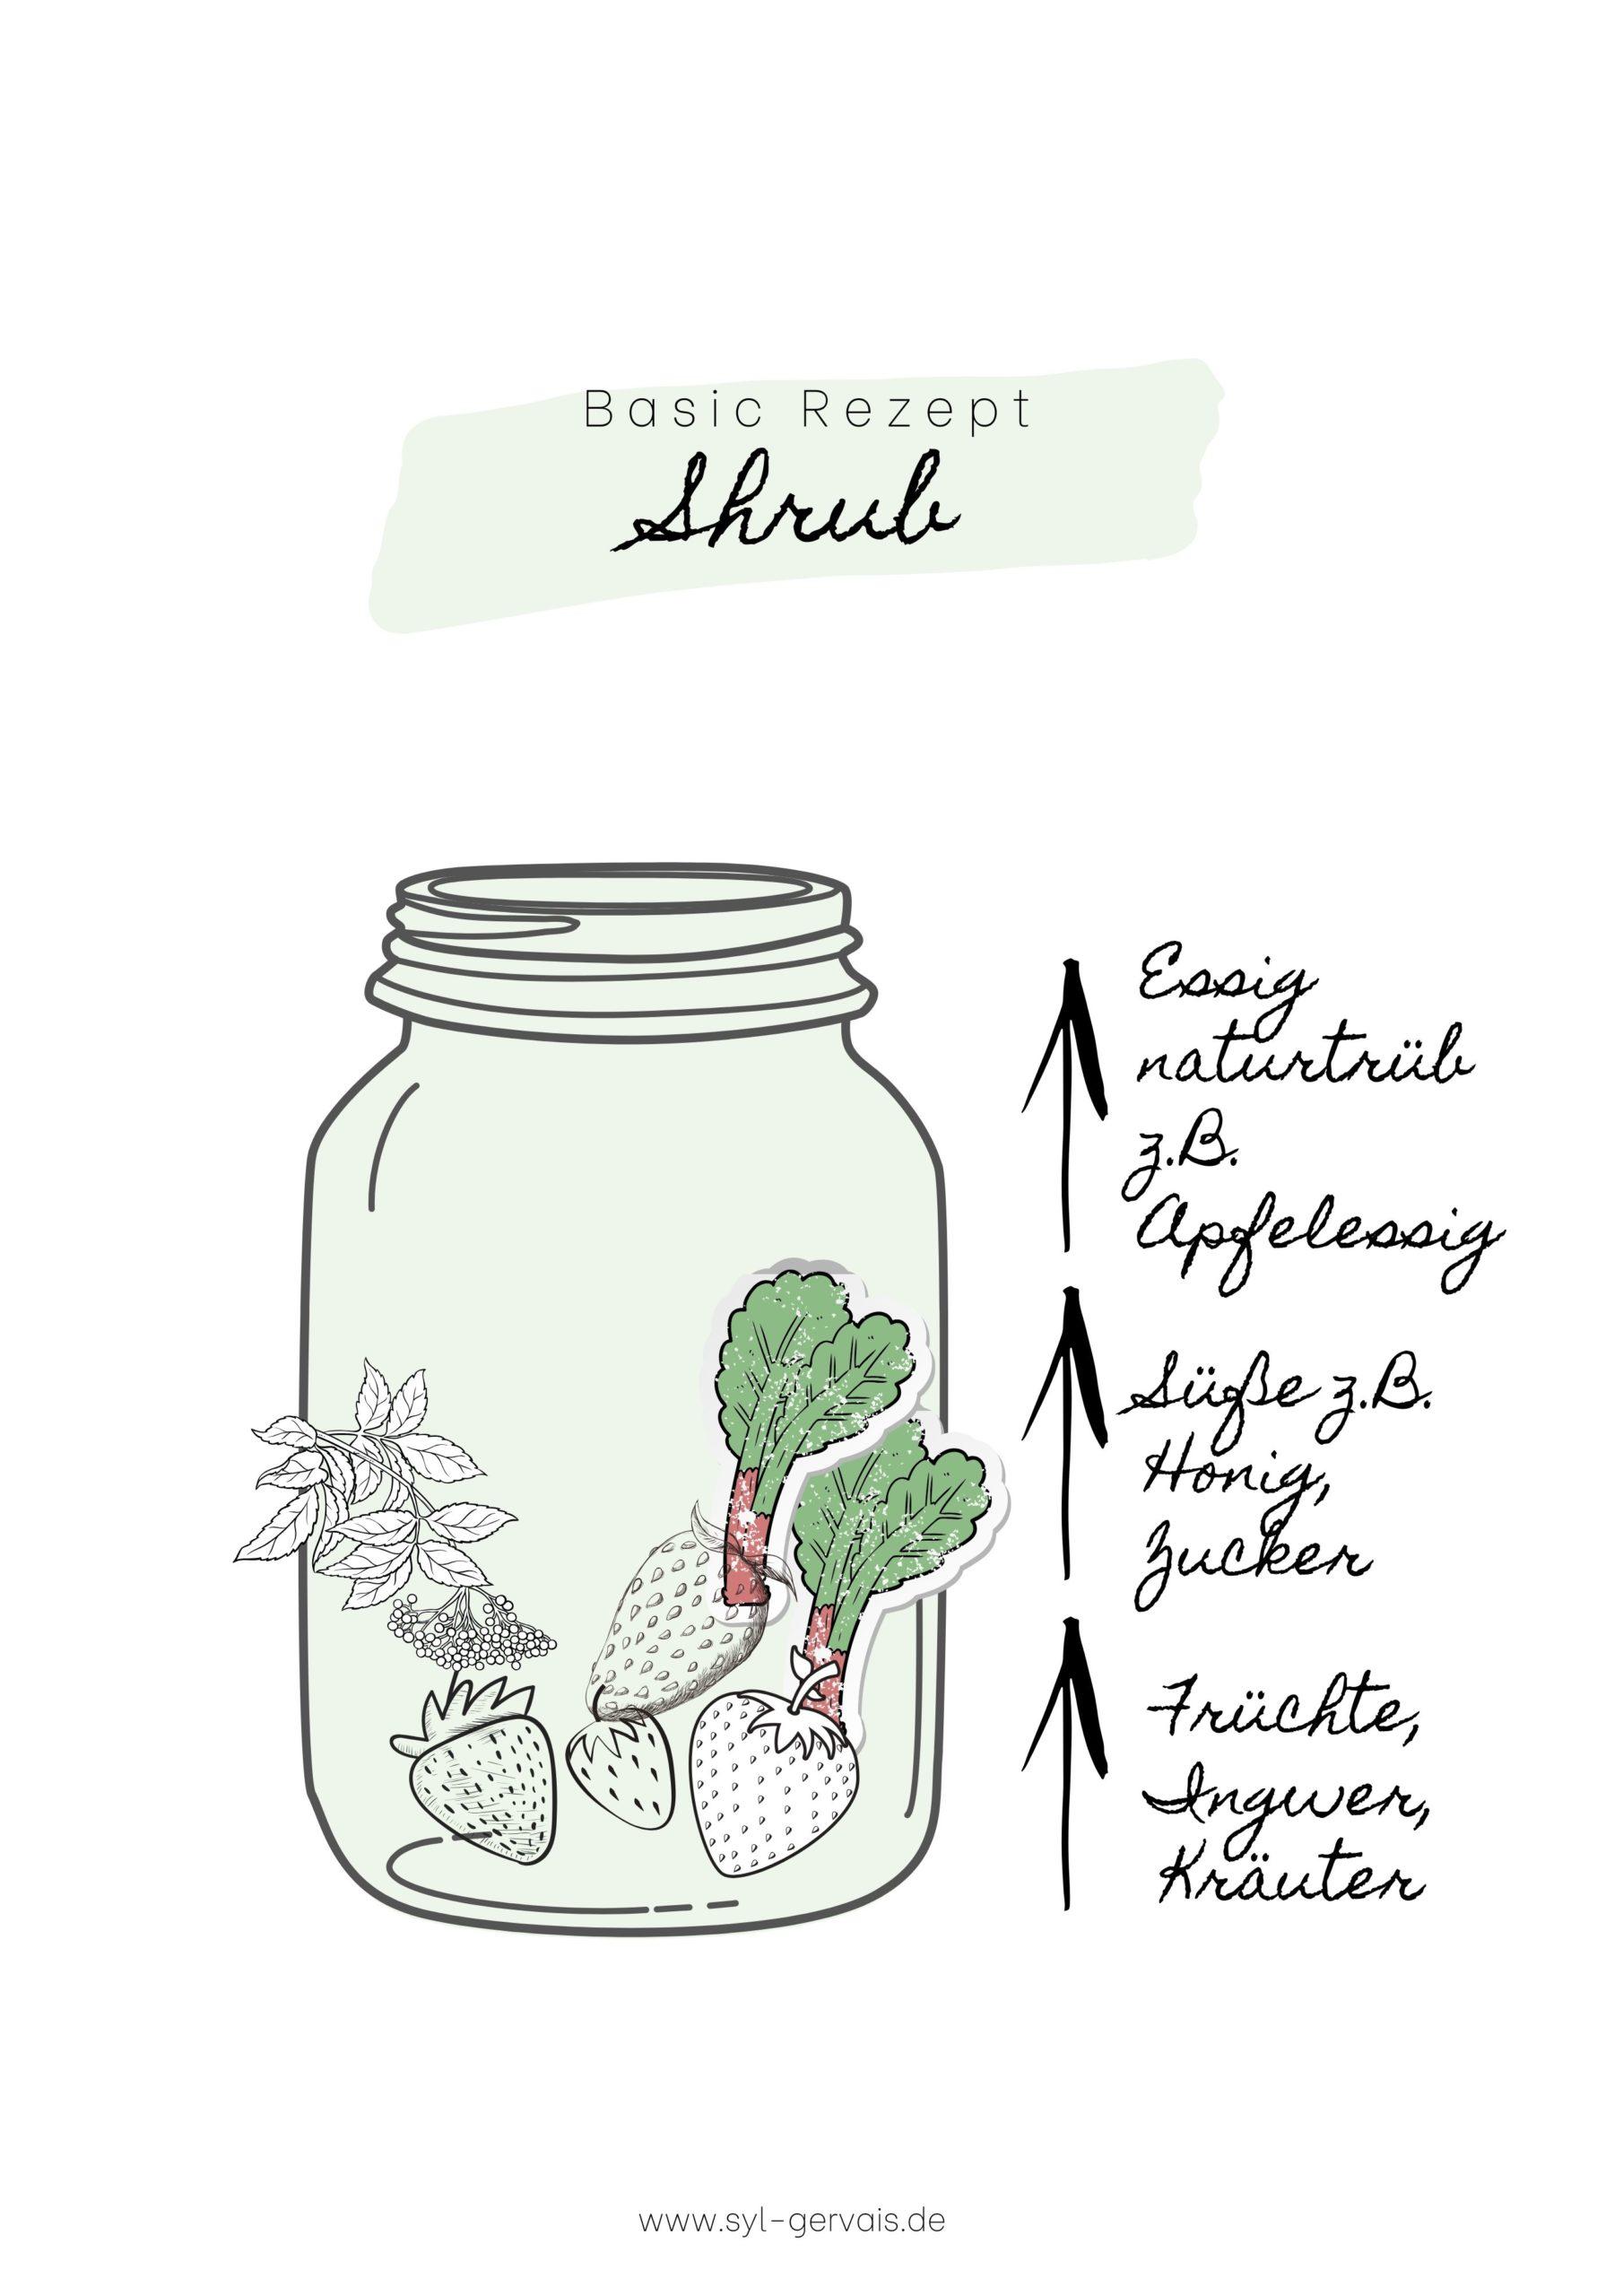 Shrub selber machen - Das brauchst du für den Essigsirup aus Früchten | Gesunde vegane Rezepte & Fermentier-Workshops - Syl Gervais